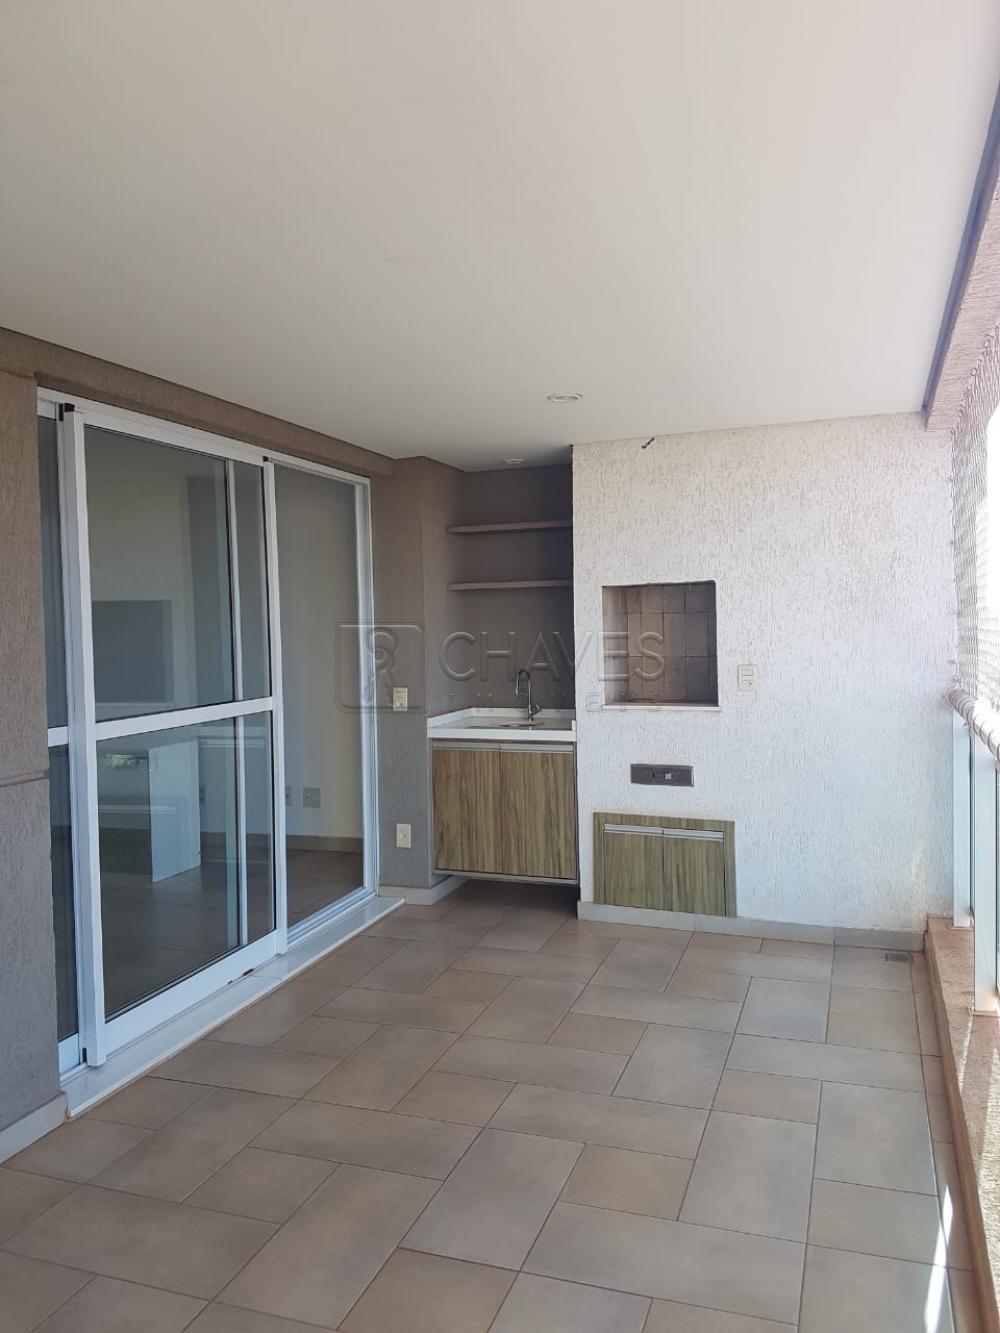 Alugar Apartamento / Padrão em Ribeirão Preto apenas R$ 2.700,00 - Foto 23